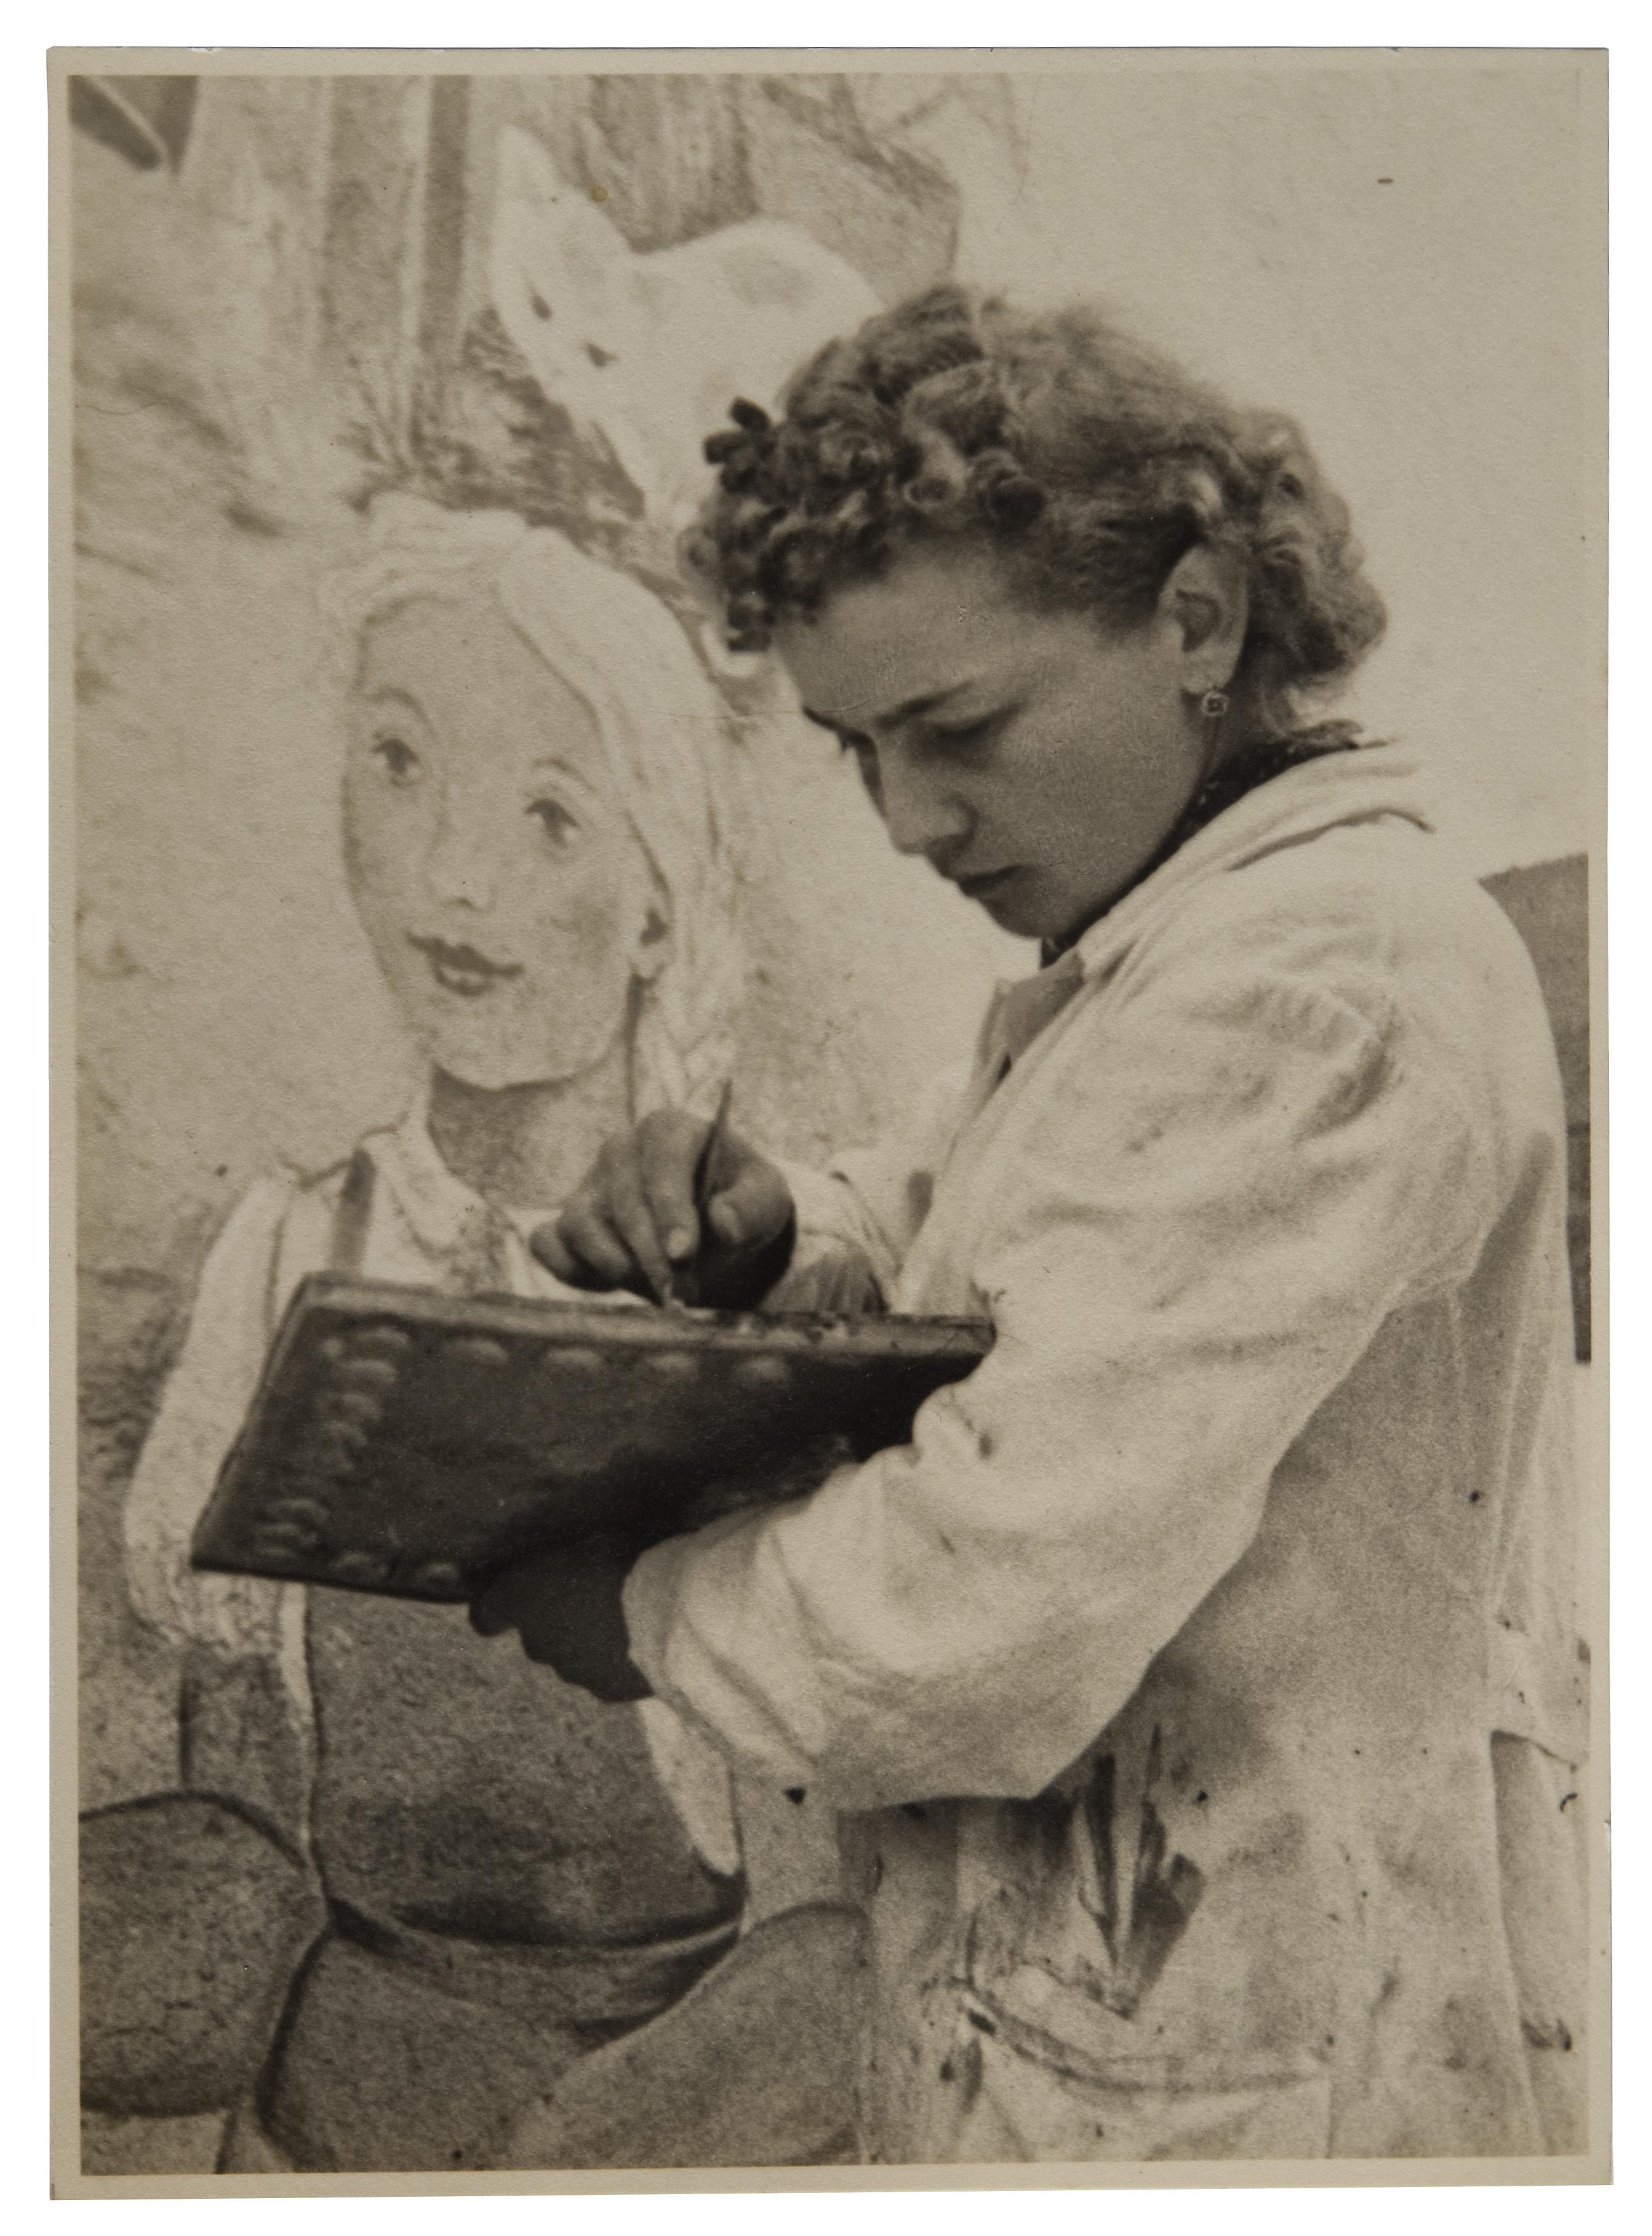 Die Autodidaktin Annemarie von Matt wurde schnell Teil der lebendigen Luzerner Kunstszene der zwanziger Jahre.